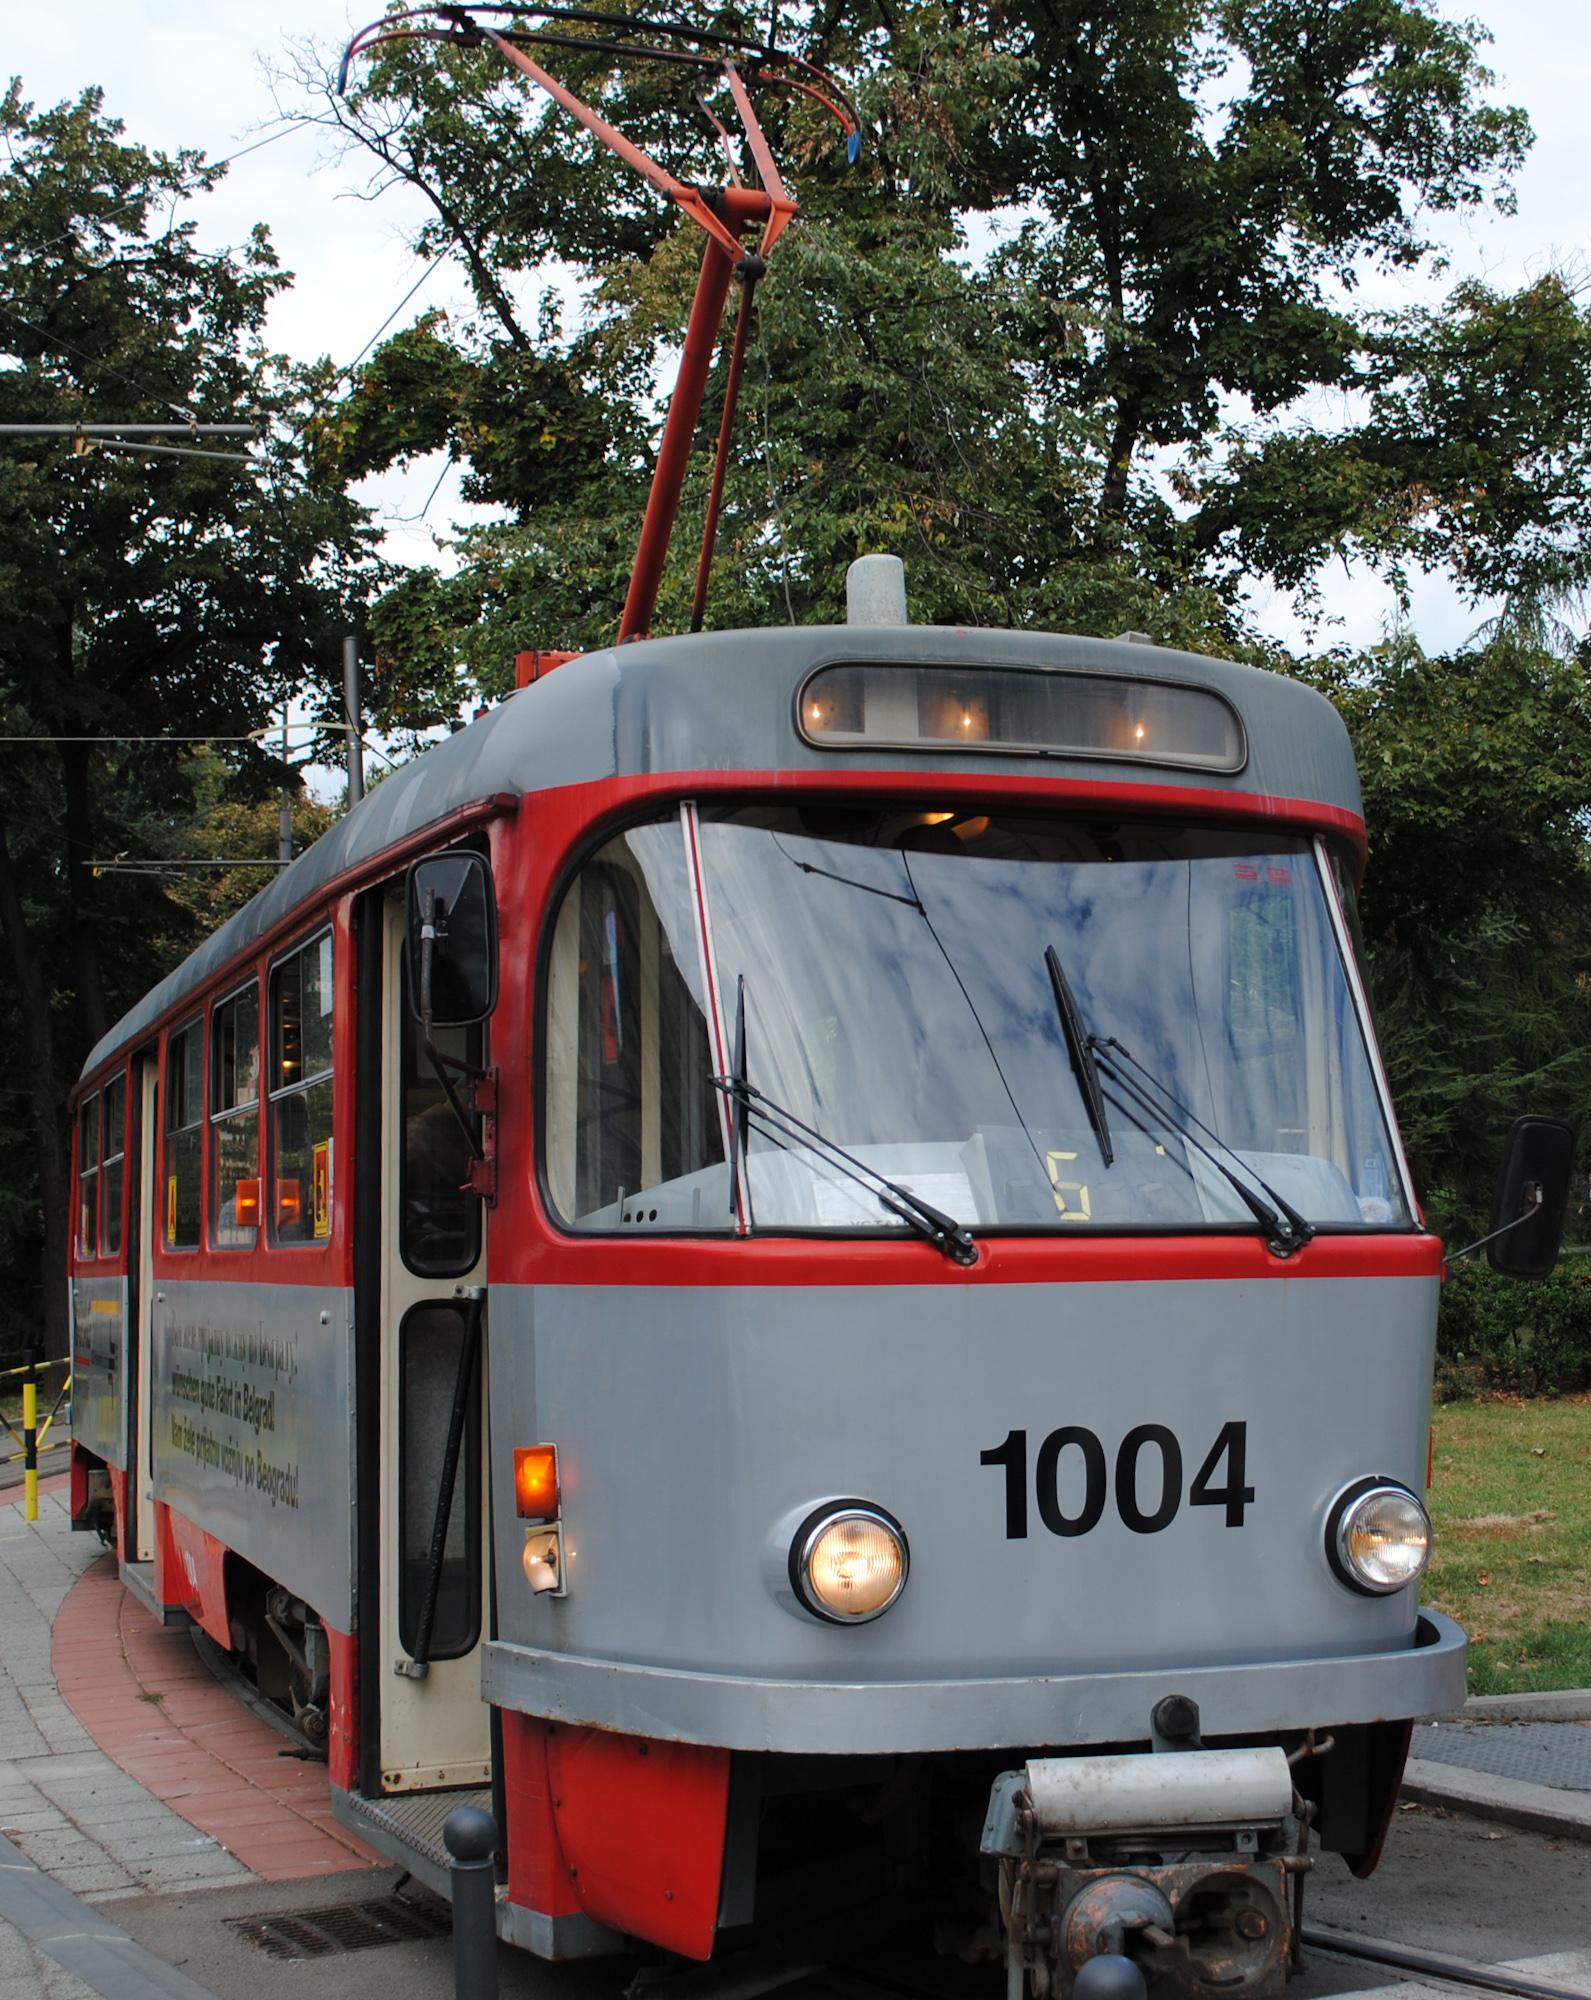 File:Beograd Tatra T4D 1004.jpg